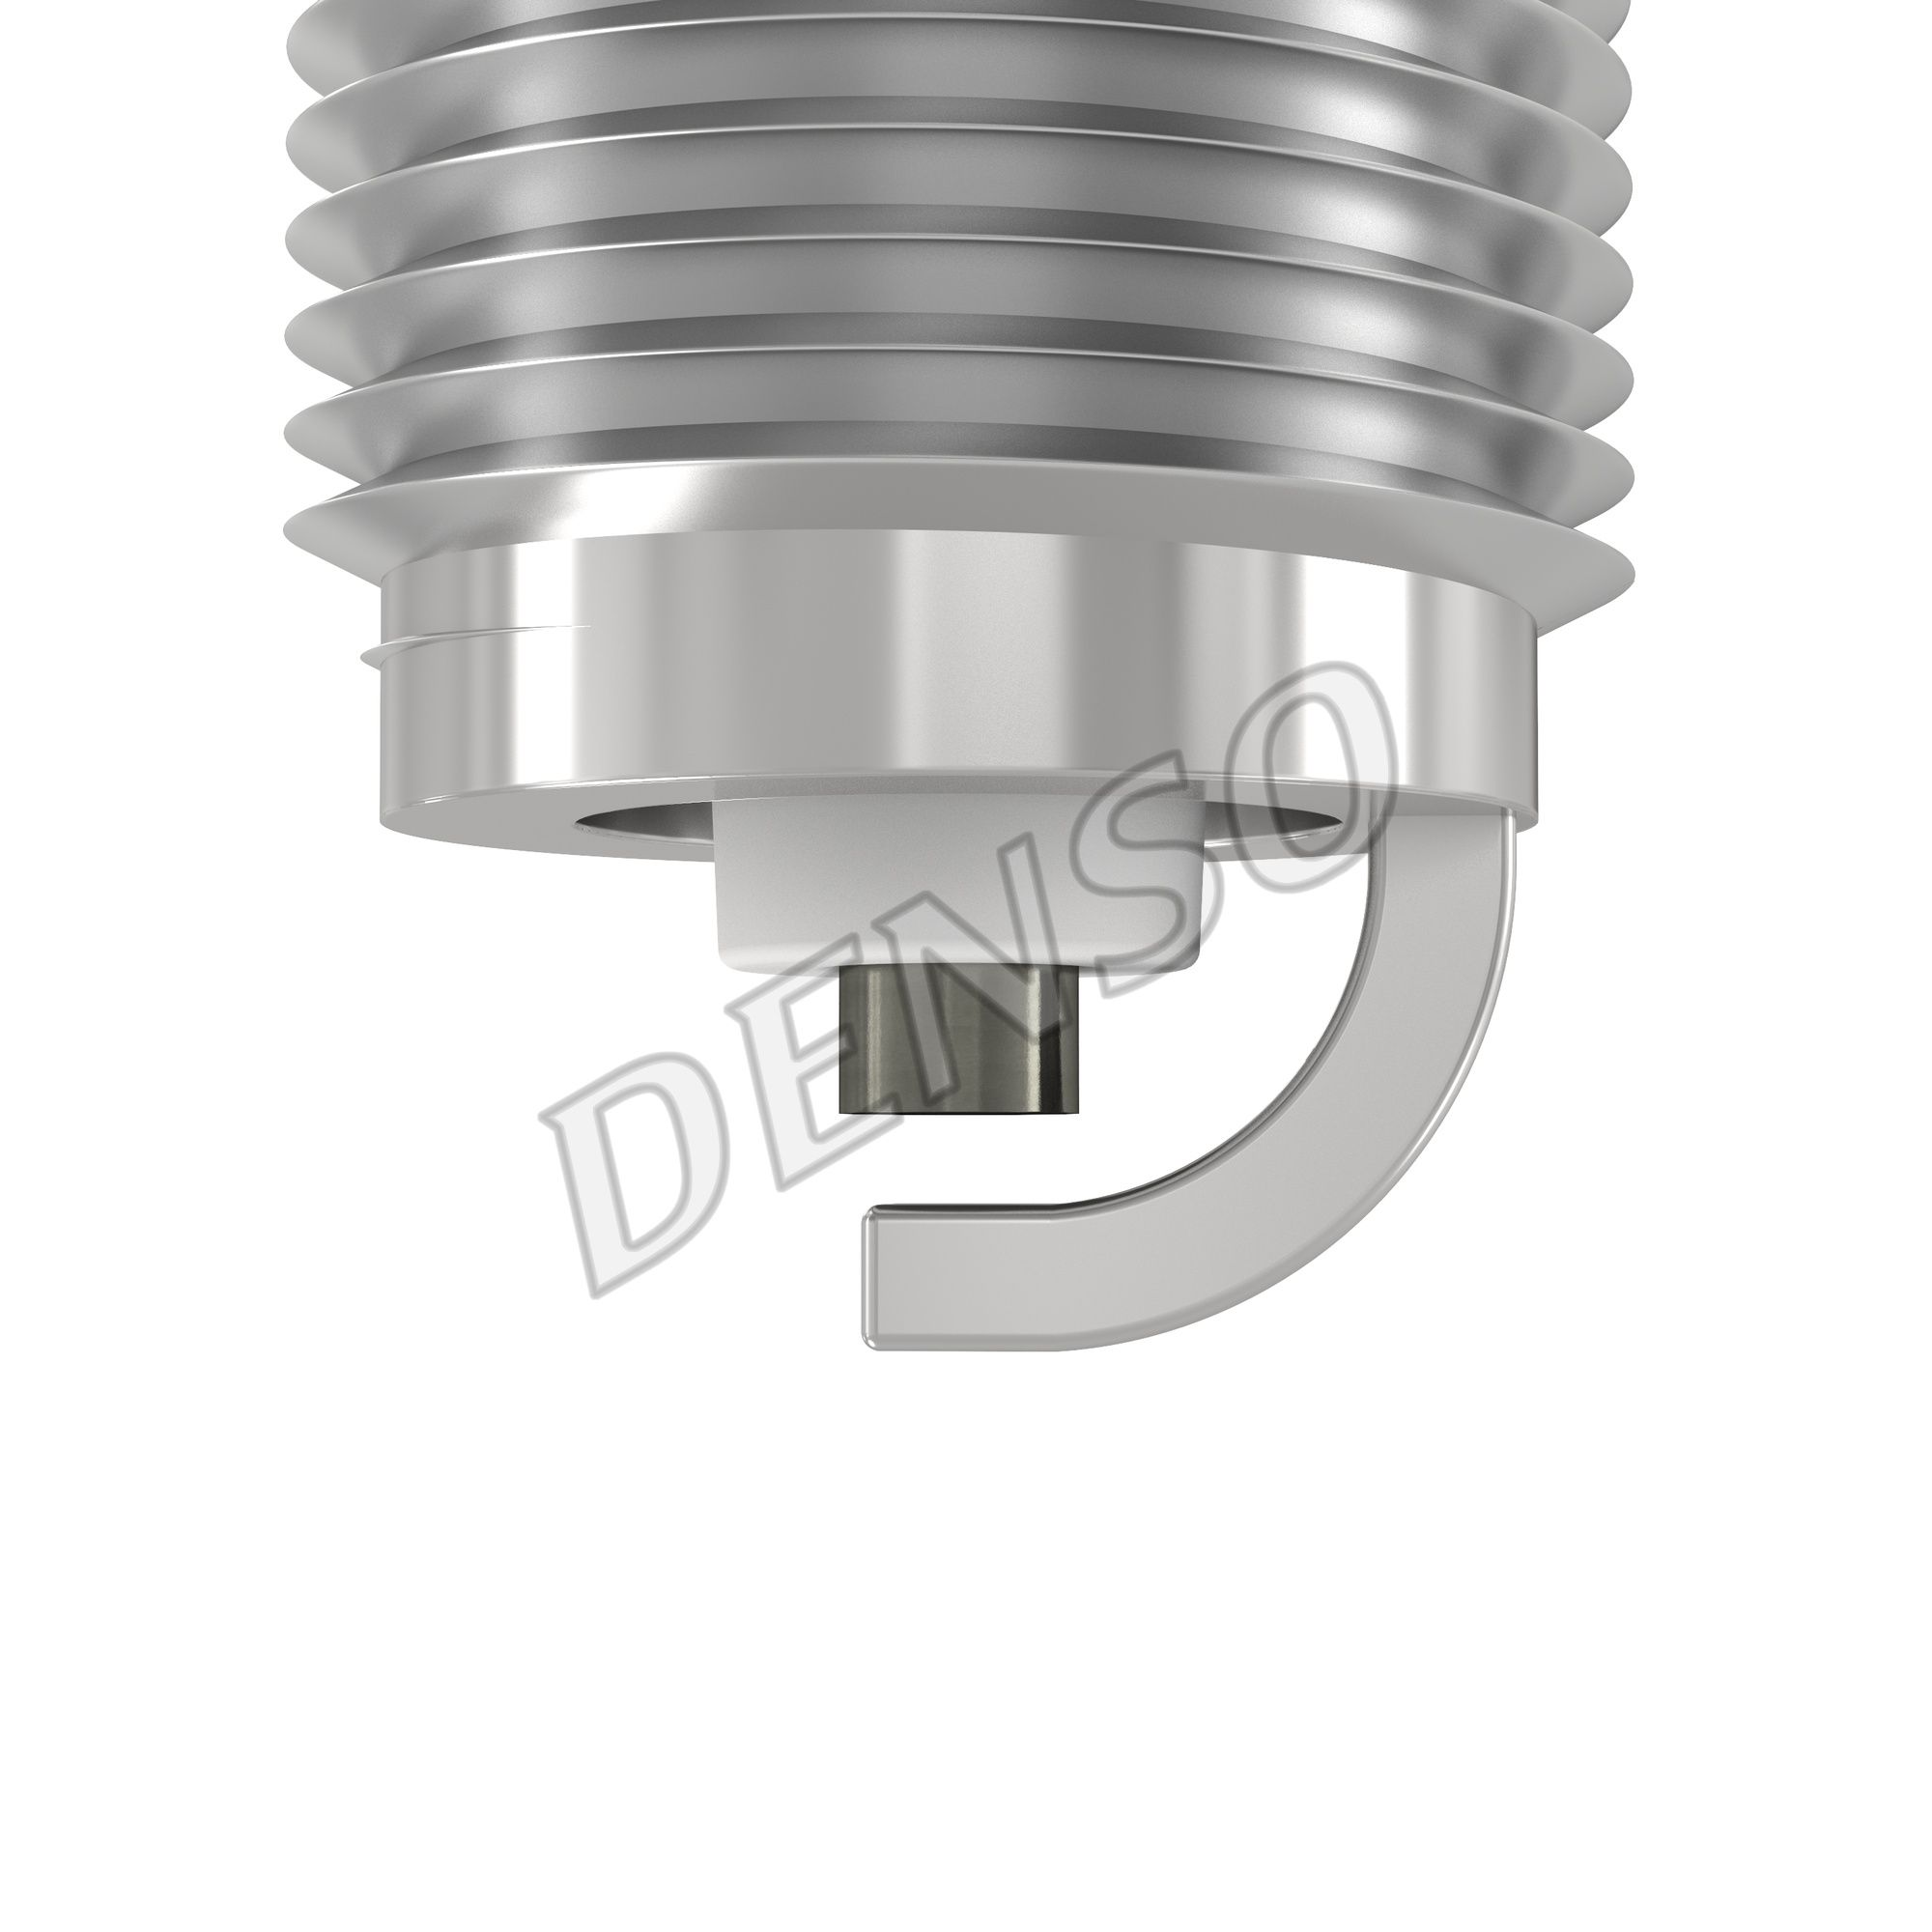 XU22EPR-U Tændrør DENSO - Køb til discount priser